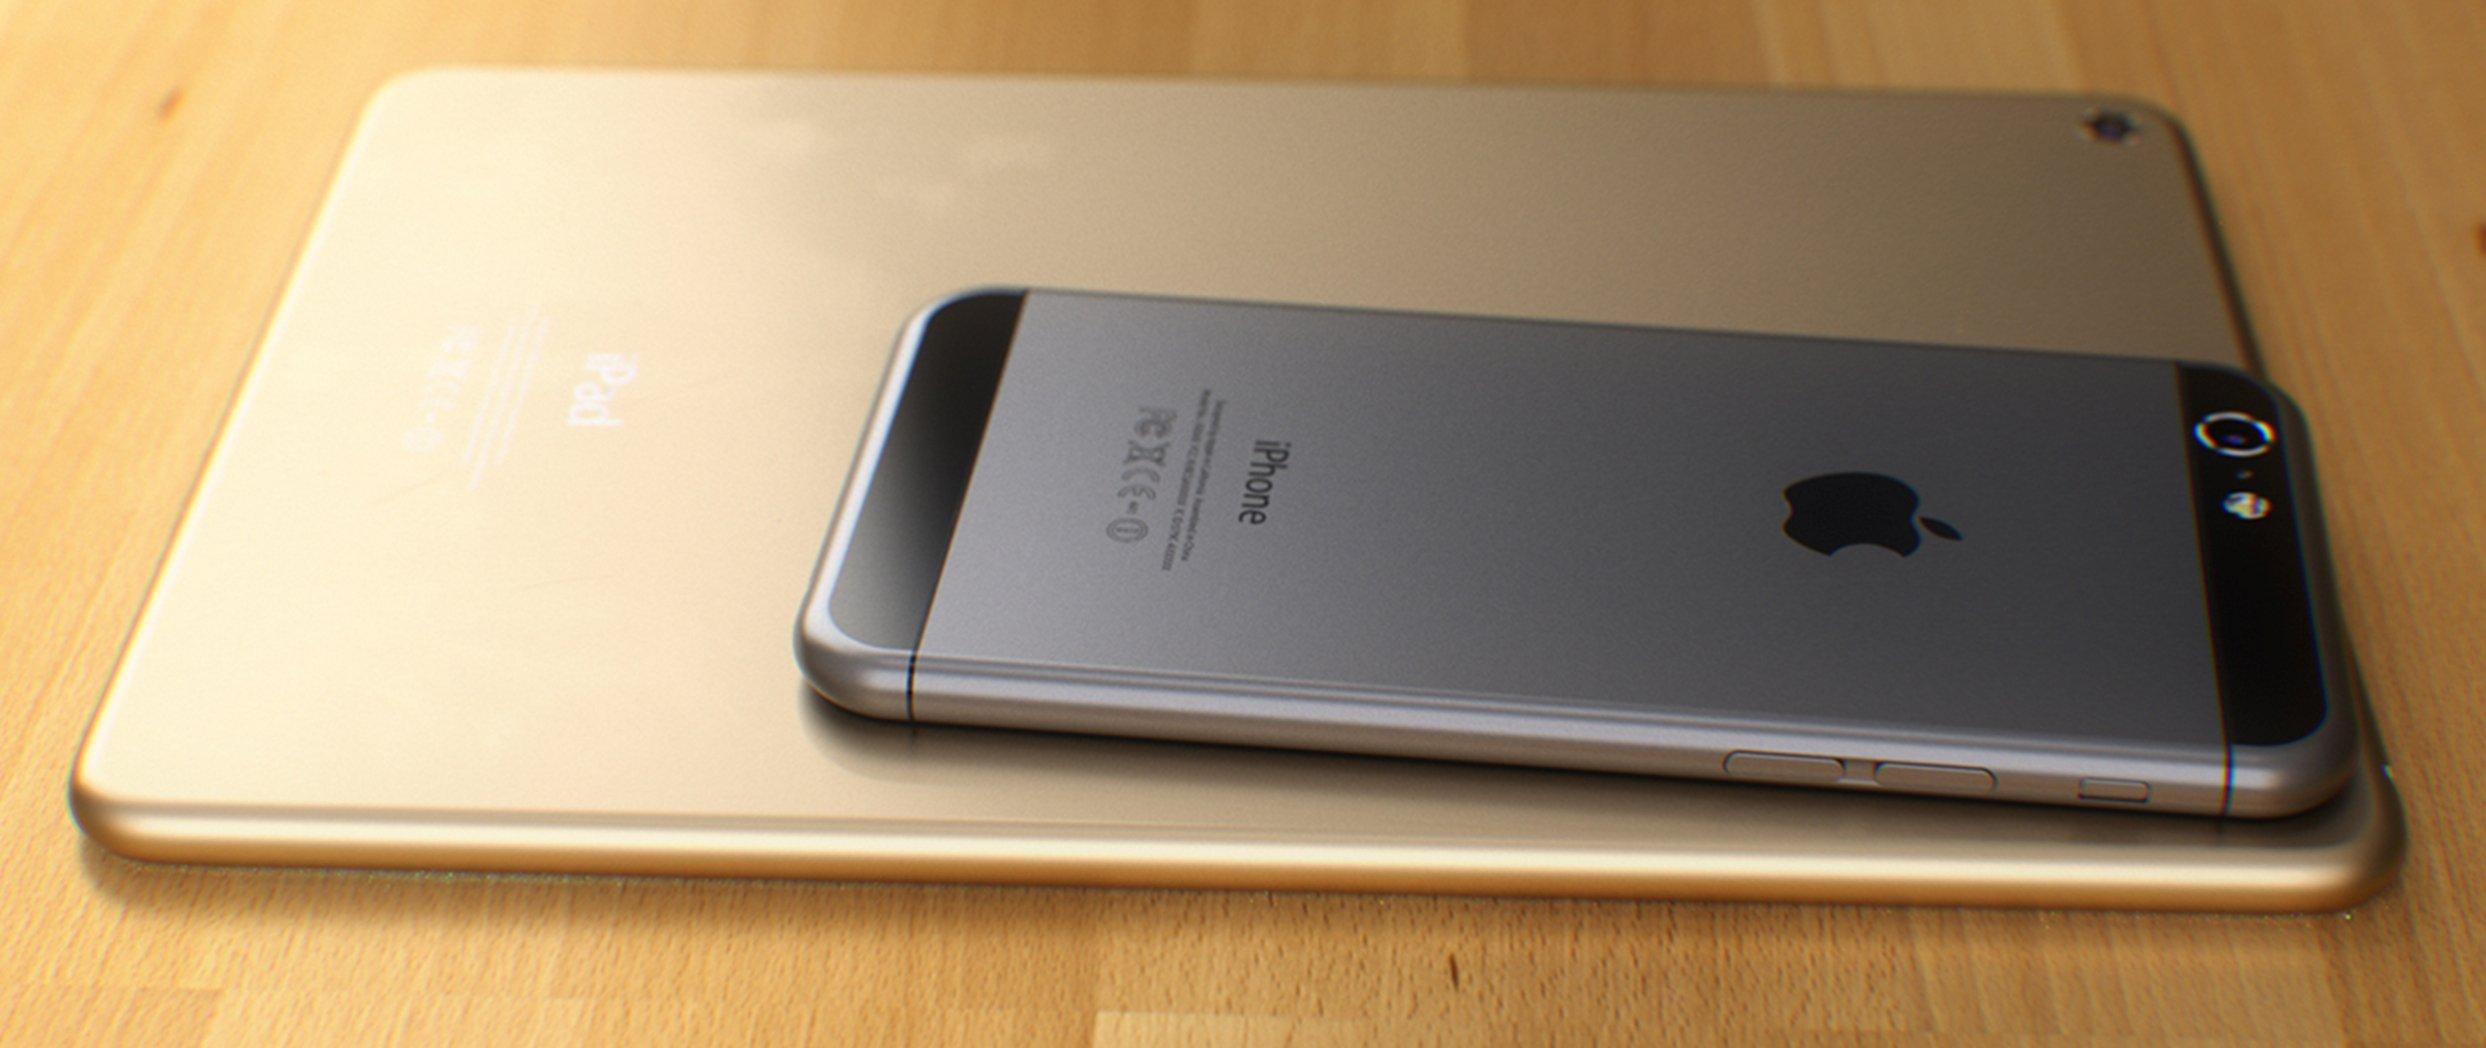 iPad mini 3 im iPhone 6 Design (Fotos) 12